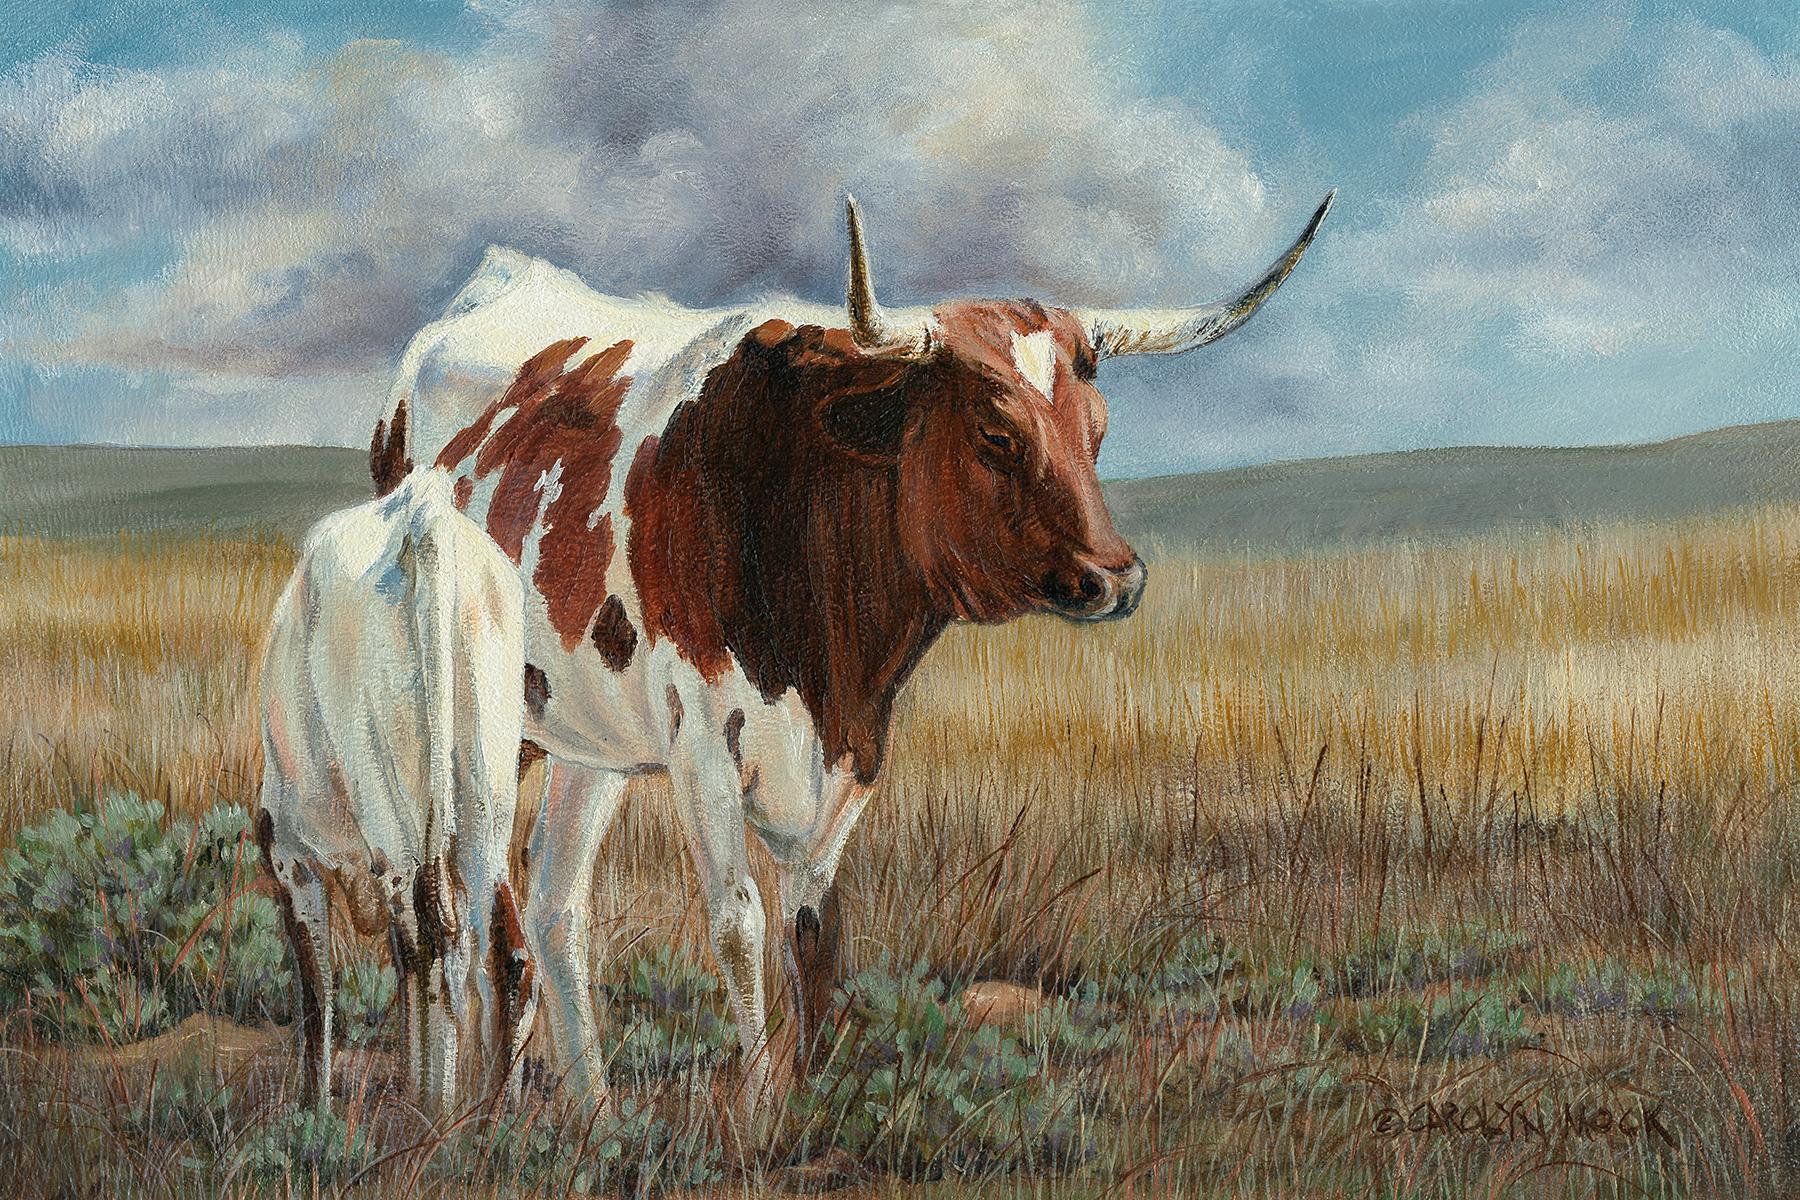 A longhorn and calf graze in a field